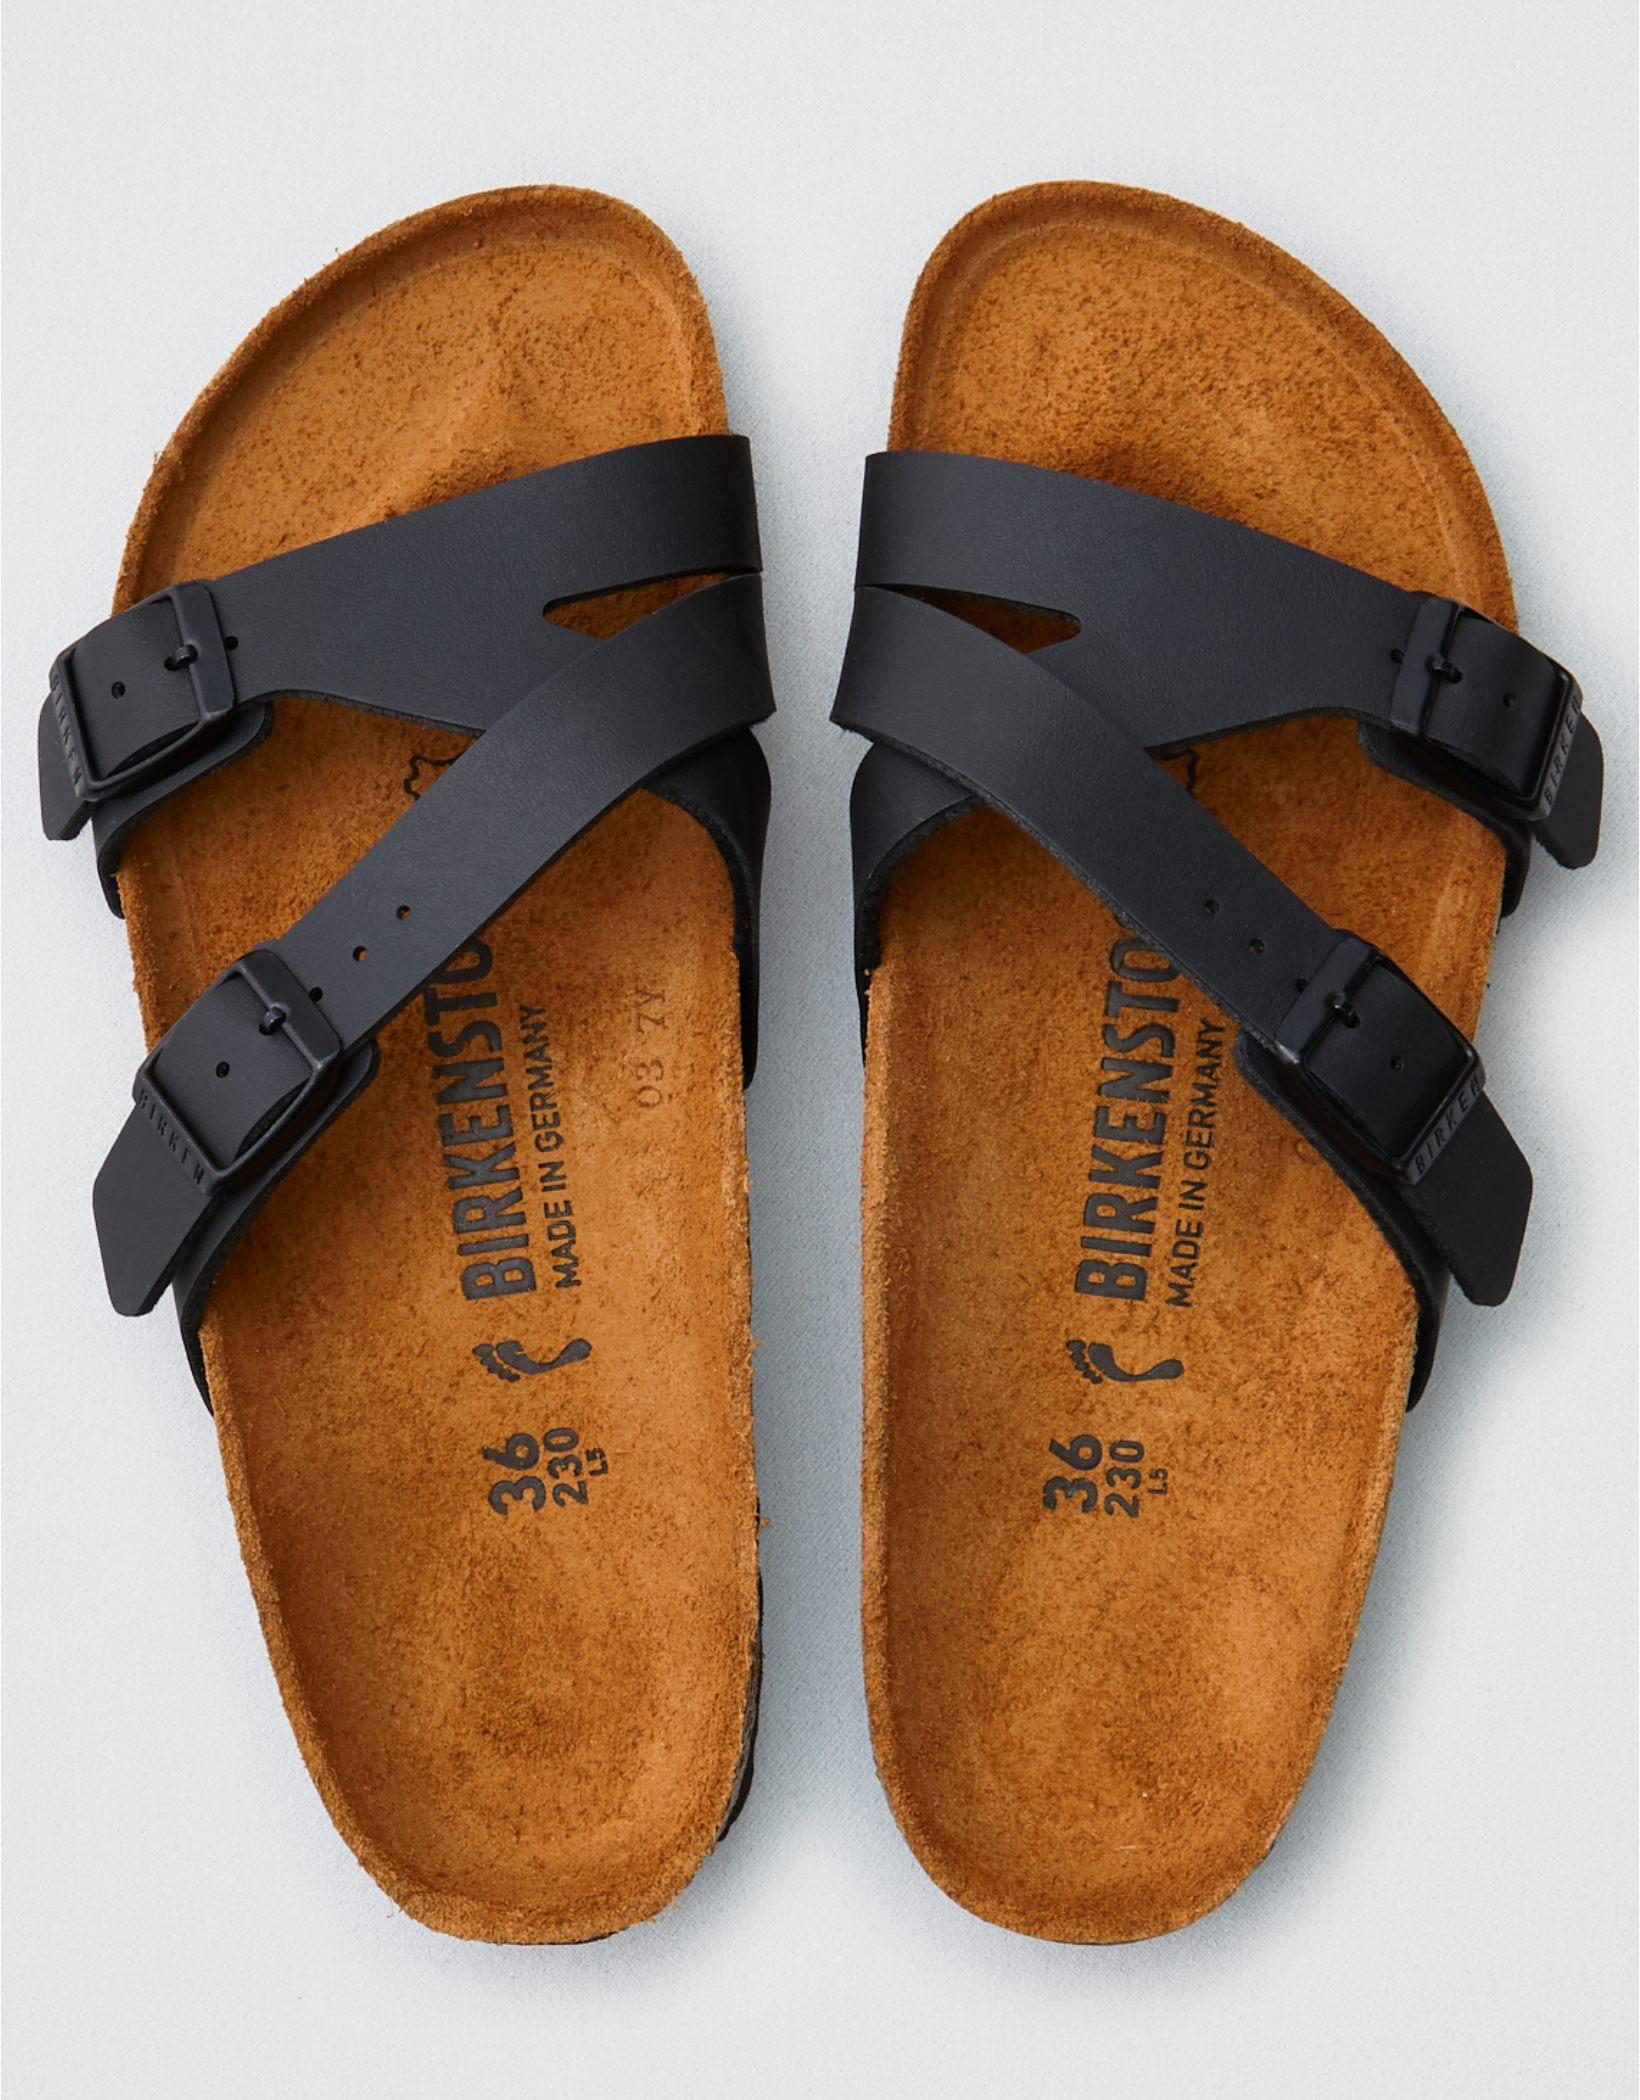 Birkenstock Women's Yao Sandal